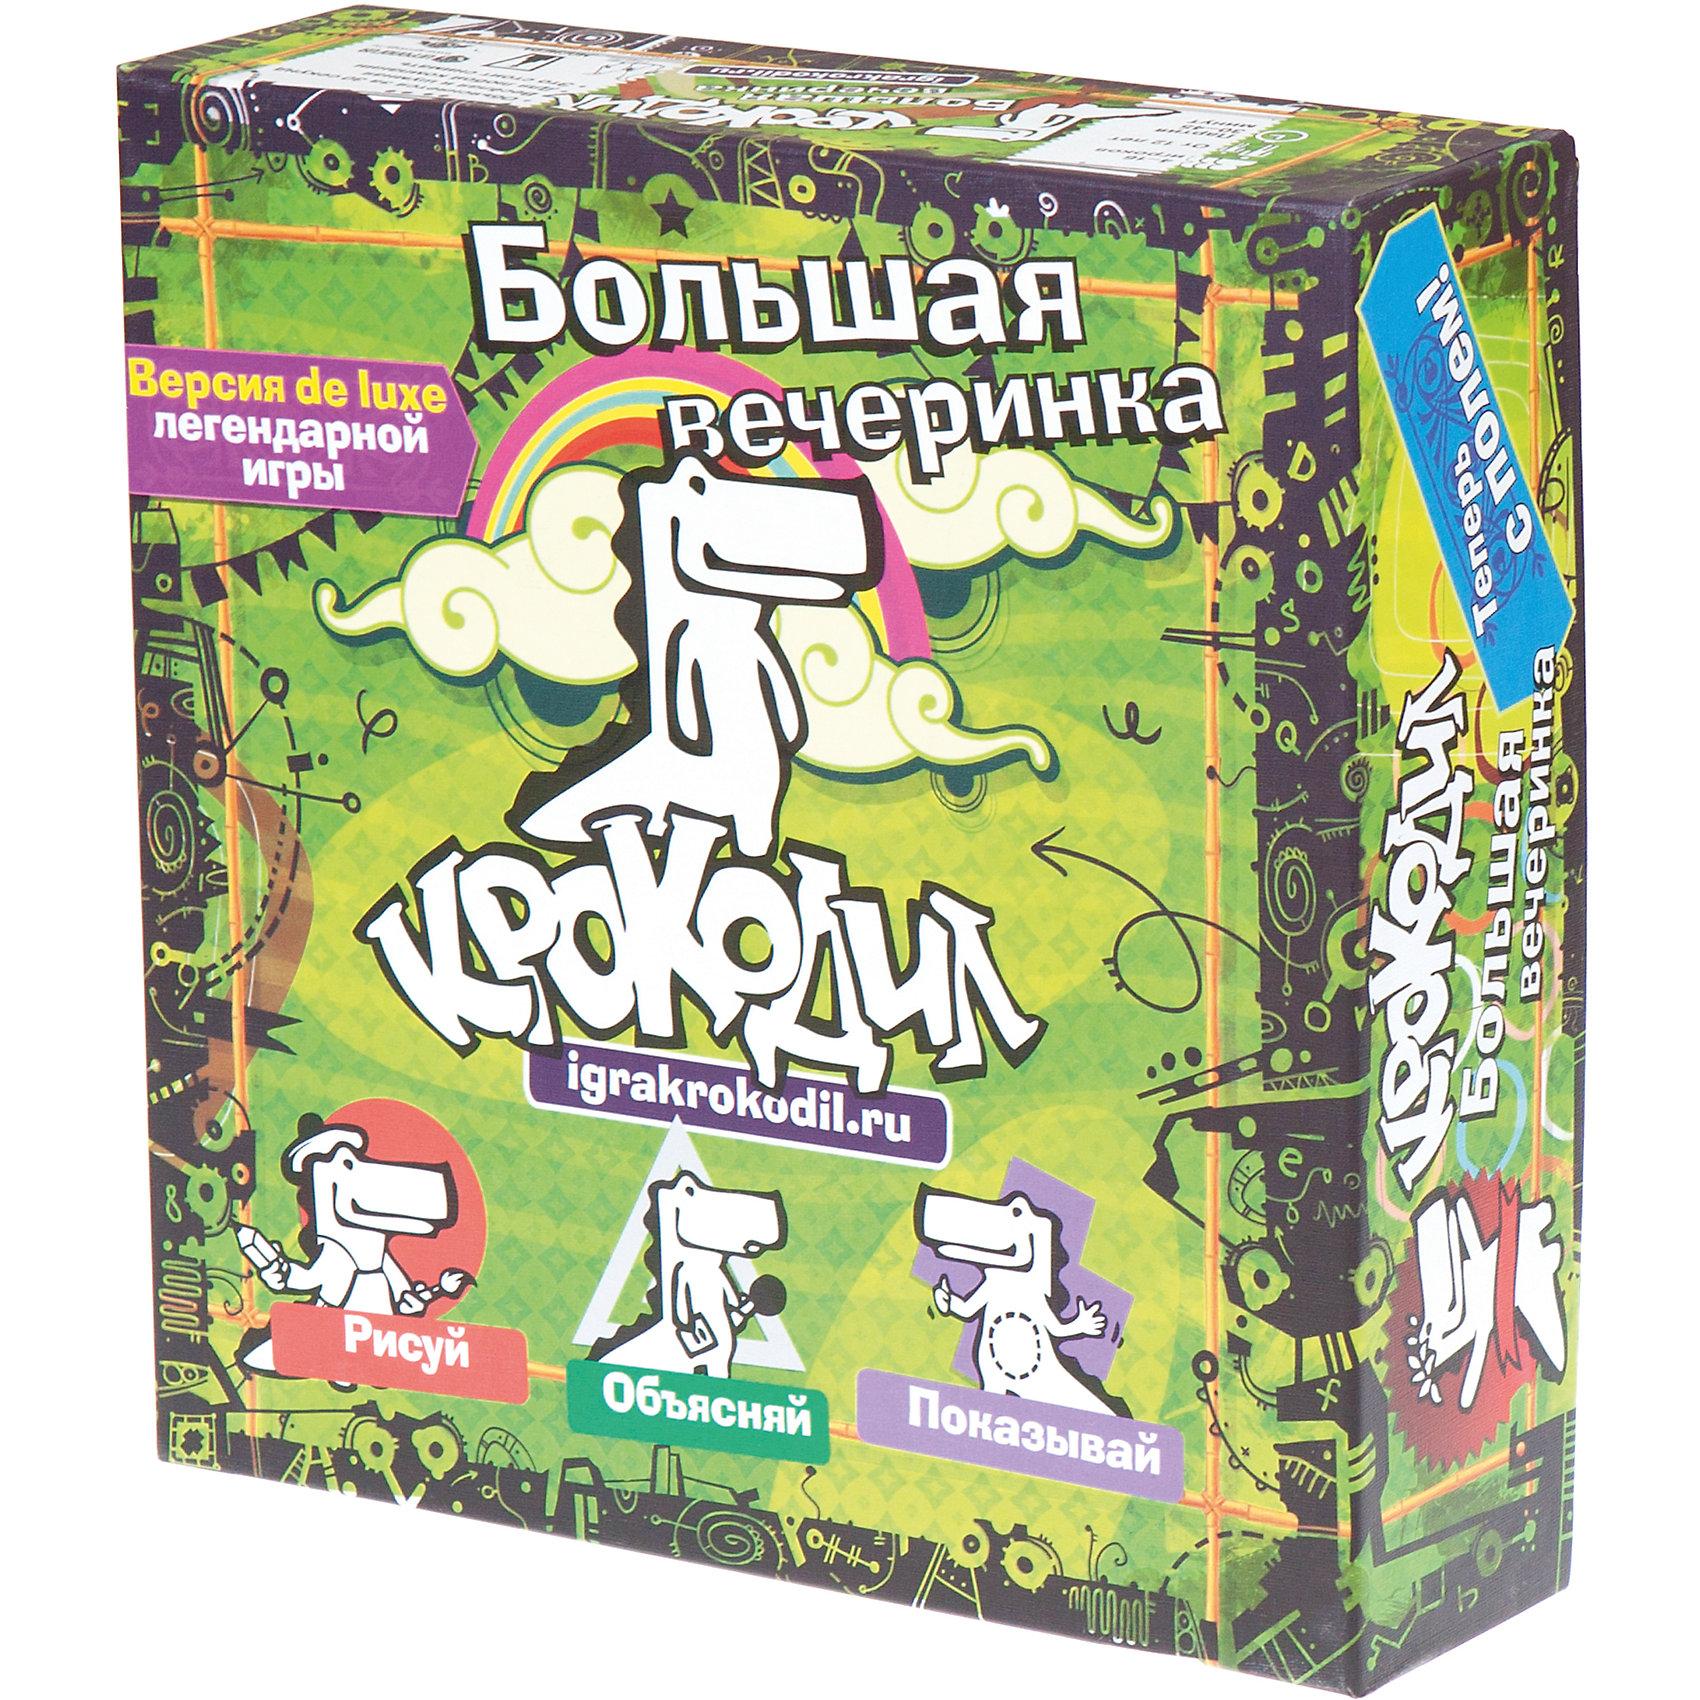 Настольная игра Крокодил Большая вечеринка, МагелланНастольные игры<br>Характеристики товара:<br><br>• возраст от 12 лет<br>• материал: картон, пластик<br>• в комплекте: игровое поле, 4 фишки крокодила, 240 карточек на объяснение, 30 карт ловушек, 10 круглых фишек, блокнот для рисования, 4 карандаша, песочные часы, правила игры<br>• количество игроков: от 4 до 12<br>• продолжительность сеанса игры: от 45 до 90 минут<br>• авторы: Т. Бокарев,  Д. Кибкало<br>• размер упаковки 26,5х26,5х7,5 см<br>• вес упаковки 1,3 кг.<br>• страна бренда: Россия<br>• страна производитель: Россия<br><br>Настольная игра «Крокодил Большая вечеринка» Магеллан — версия классической игры в крокодила, только с еще более увлекательными и сложными заданиями. Слова теперь можно не только показывать жестами, но и рисовать, объяснять ассоциациями, с закрытыми глазами. <br><br>Каждый игрок берет фишку в виде крокодильчика, задача которого прийти к финишу первым. По пути встретятся много заданий, а также ловушки, расставленные другими игроками. Игра позволит не только весело провести время, но и потренирует воображение, фантазию и смекалку.<br><br>Настольную игру «Крокодил Большая вечеринка» Магеллан можно приобрести в нашем интернет-магазине.<br><br>Ширина мм: 265<br>Глубина мм: 265<br>Высота мм: 75<br>Вес г: 1293<br>Возраст от месяцев: 144<br>Возраст до месяцев: 2147483647<br>Пол: Унисекс<br>Возраст: Детский<br>SKU: 5543768